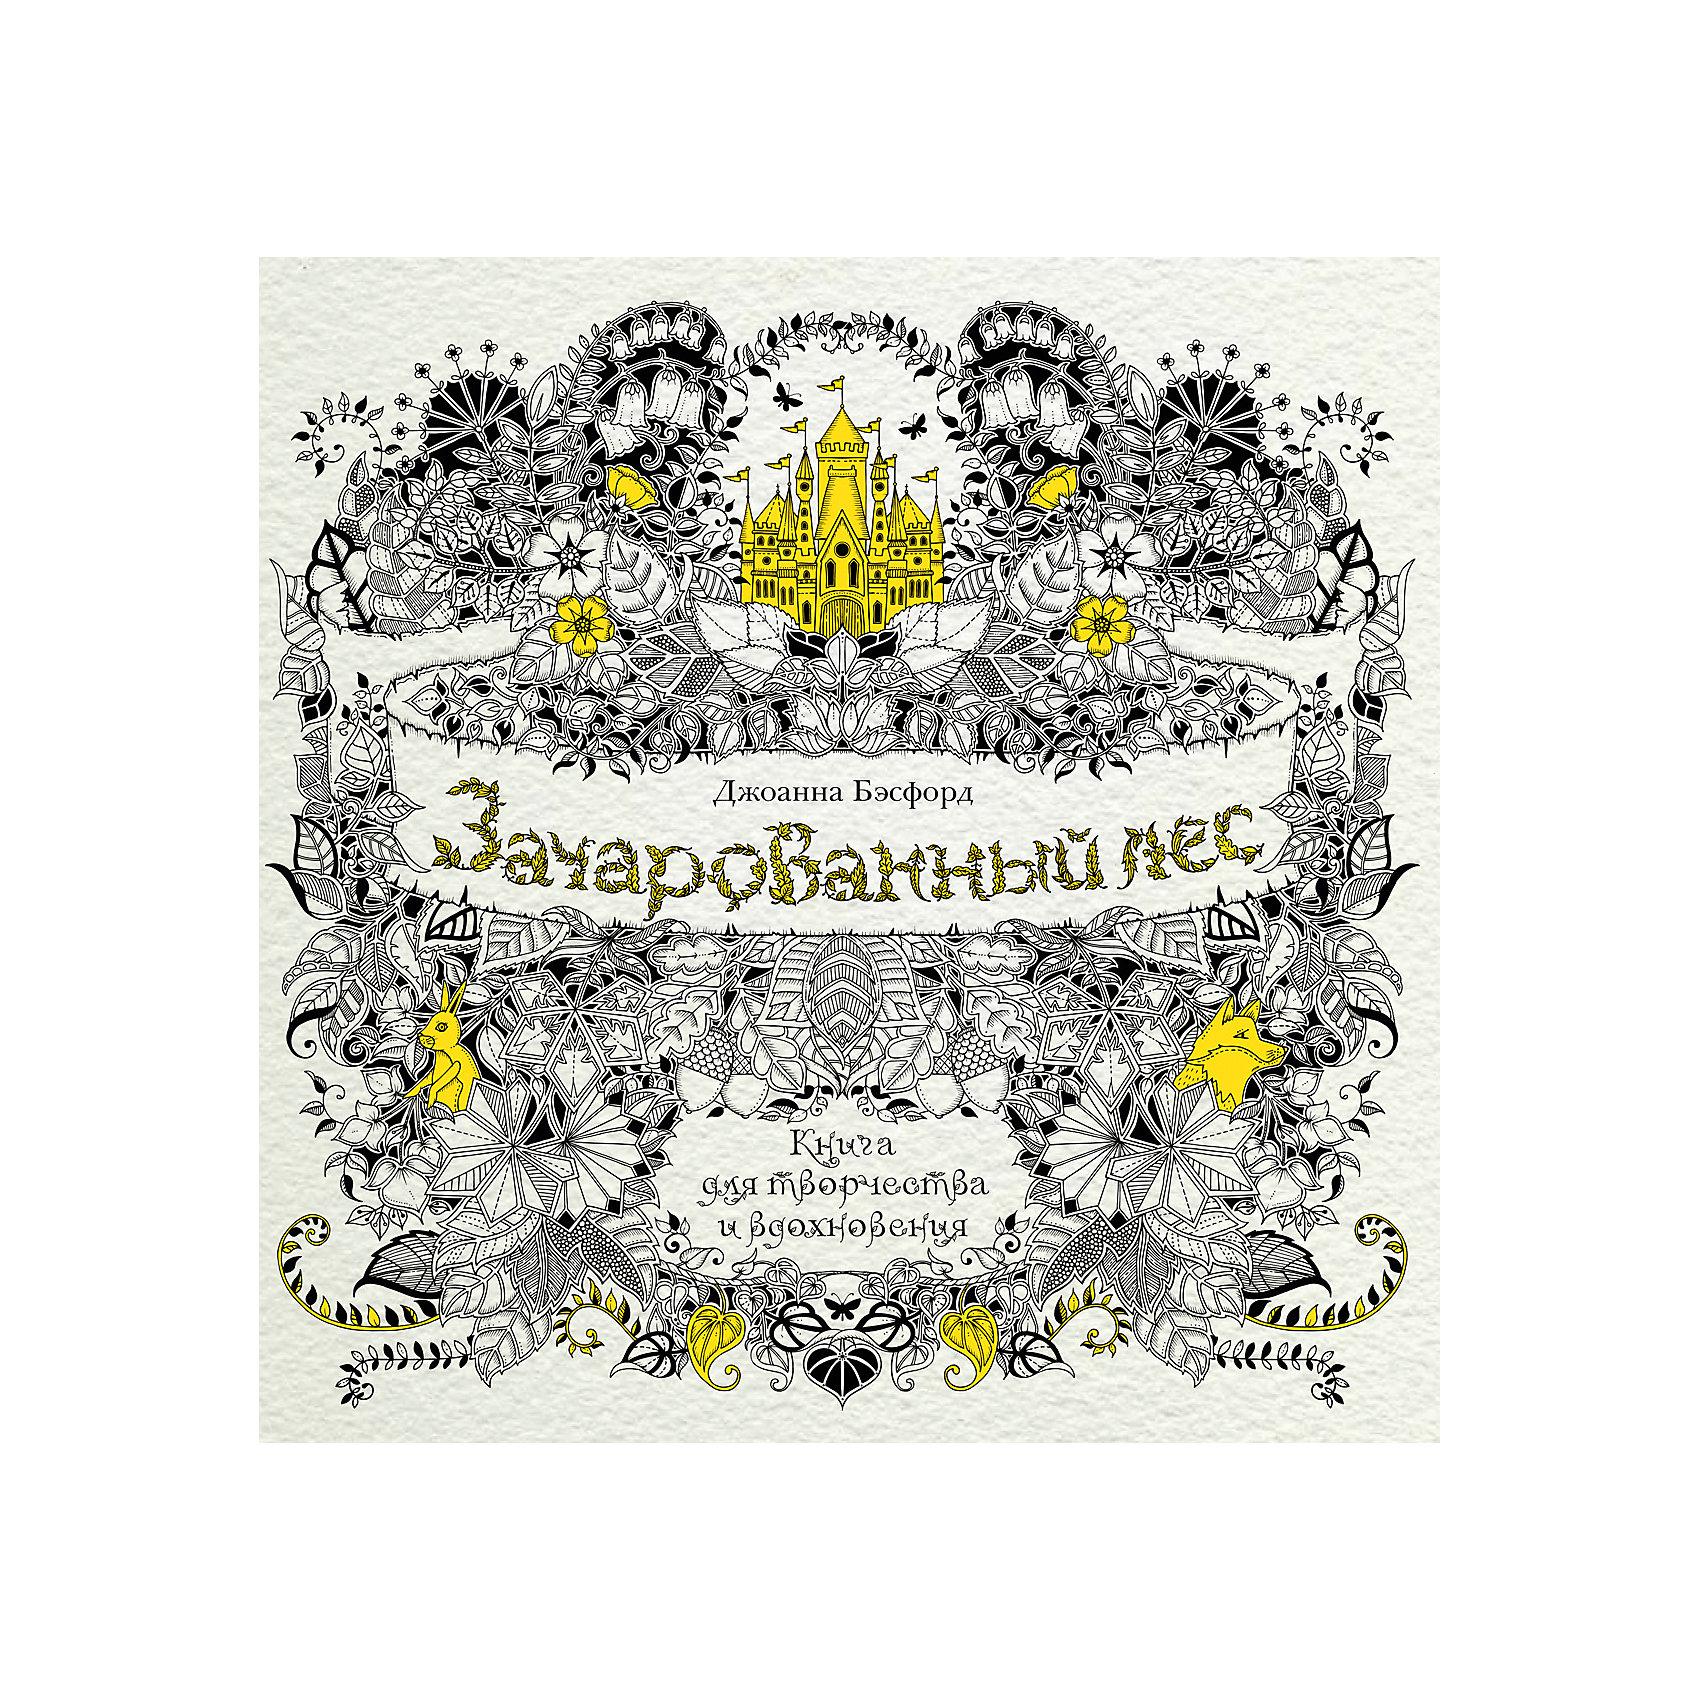 Книга для творчества и вдохновения Зачарованный лес, Джоанна БэсфордРисование<br>Раскраски для взрослых завоевали мир! Волшебное, вдохновляющее путешествие от дневных забот в мир творчества.<br><br>Работы Джоанны Бэсфорд случайно нашла редактор английского издательства LAURENCE KING и обратила внимания на восторженные отзывы в блоге художницы. Так родилась идея создания оригинальной раскраски для взрослых. Выпустив книгу и поверив в успех, издатель не ошибся. За несколько месяцев «Таинственный сад» был продан тиражом более 1 000 000 экз. Настоящим открытием и синонимом успеха стал новый тренд, который определил и новый вид книжной продукции – раскраски для взрослых. Вместе с популярным увлечением, который не случайно называют арт-терапия, мир получил и королеву этого направления – Джоанну Бэсфорд.<br><br>Дополнительная информация:<br><br>Серия: Арт-терапия<br>Автор: Бэсфорд Дж.<br>Формат: 250х250 мм .<br>Количество страниц: 96 <br><br>Книгу для творчества и вдохновения Зачарованный лес можно купить в нашем магазине.<br><br>Ширина мм: 250<br>Глубина мм: 250<br>Высота мм: 11<br>Вес г: 430<br>Возраст от месяцев: 72<br>Возраст до месяцев: 168<br>Пол: Унисекс<br>Возраст: Детский<br>SKU: 4194016